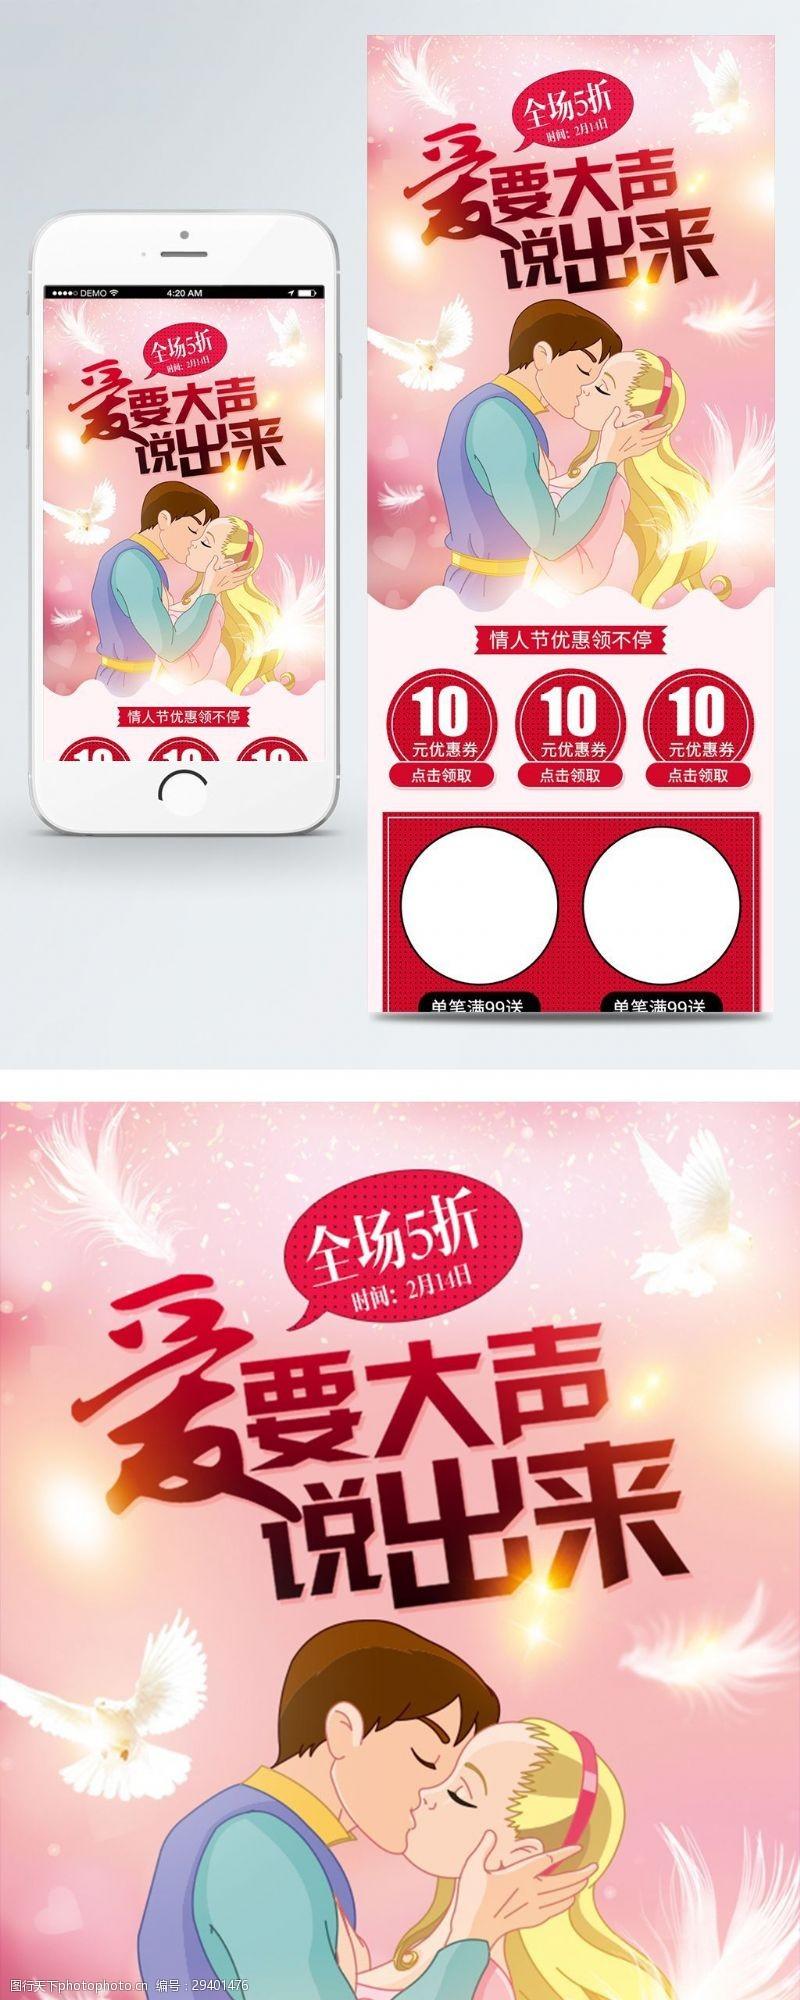 情侣模板电商淘宝情人节促销粉色唯美白鸽首页模板